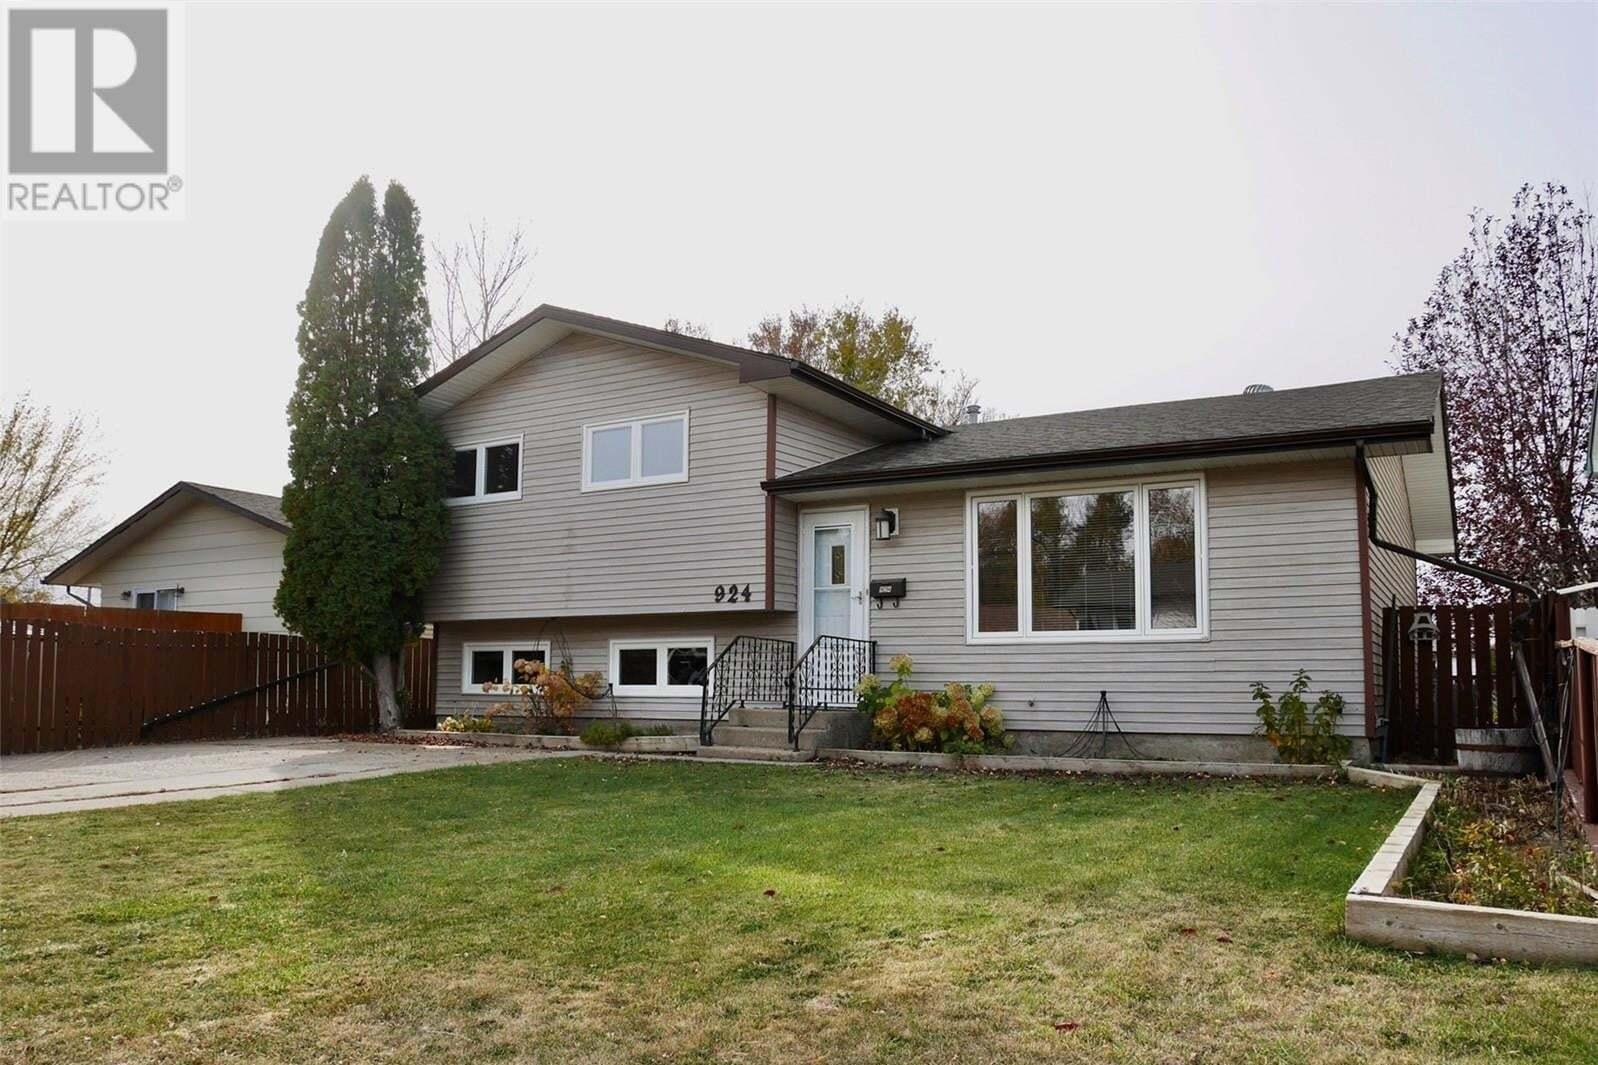 House for sale at 924 Holdsworth Cres Moose Jaw Saskatchewan - MLS: SK830550